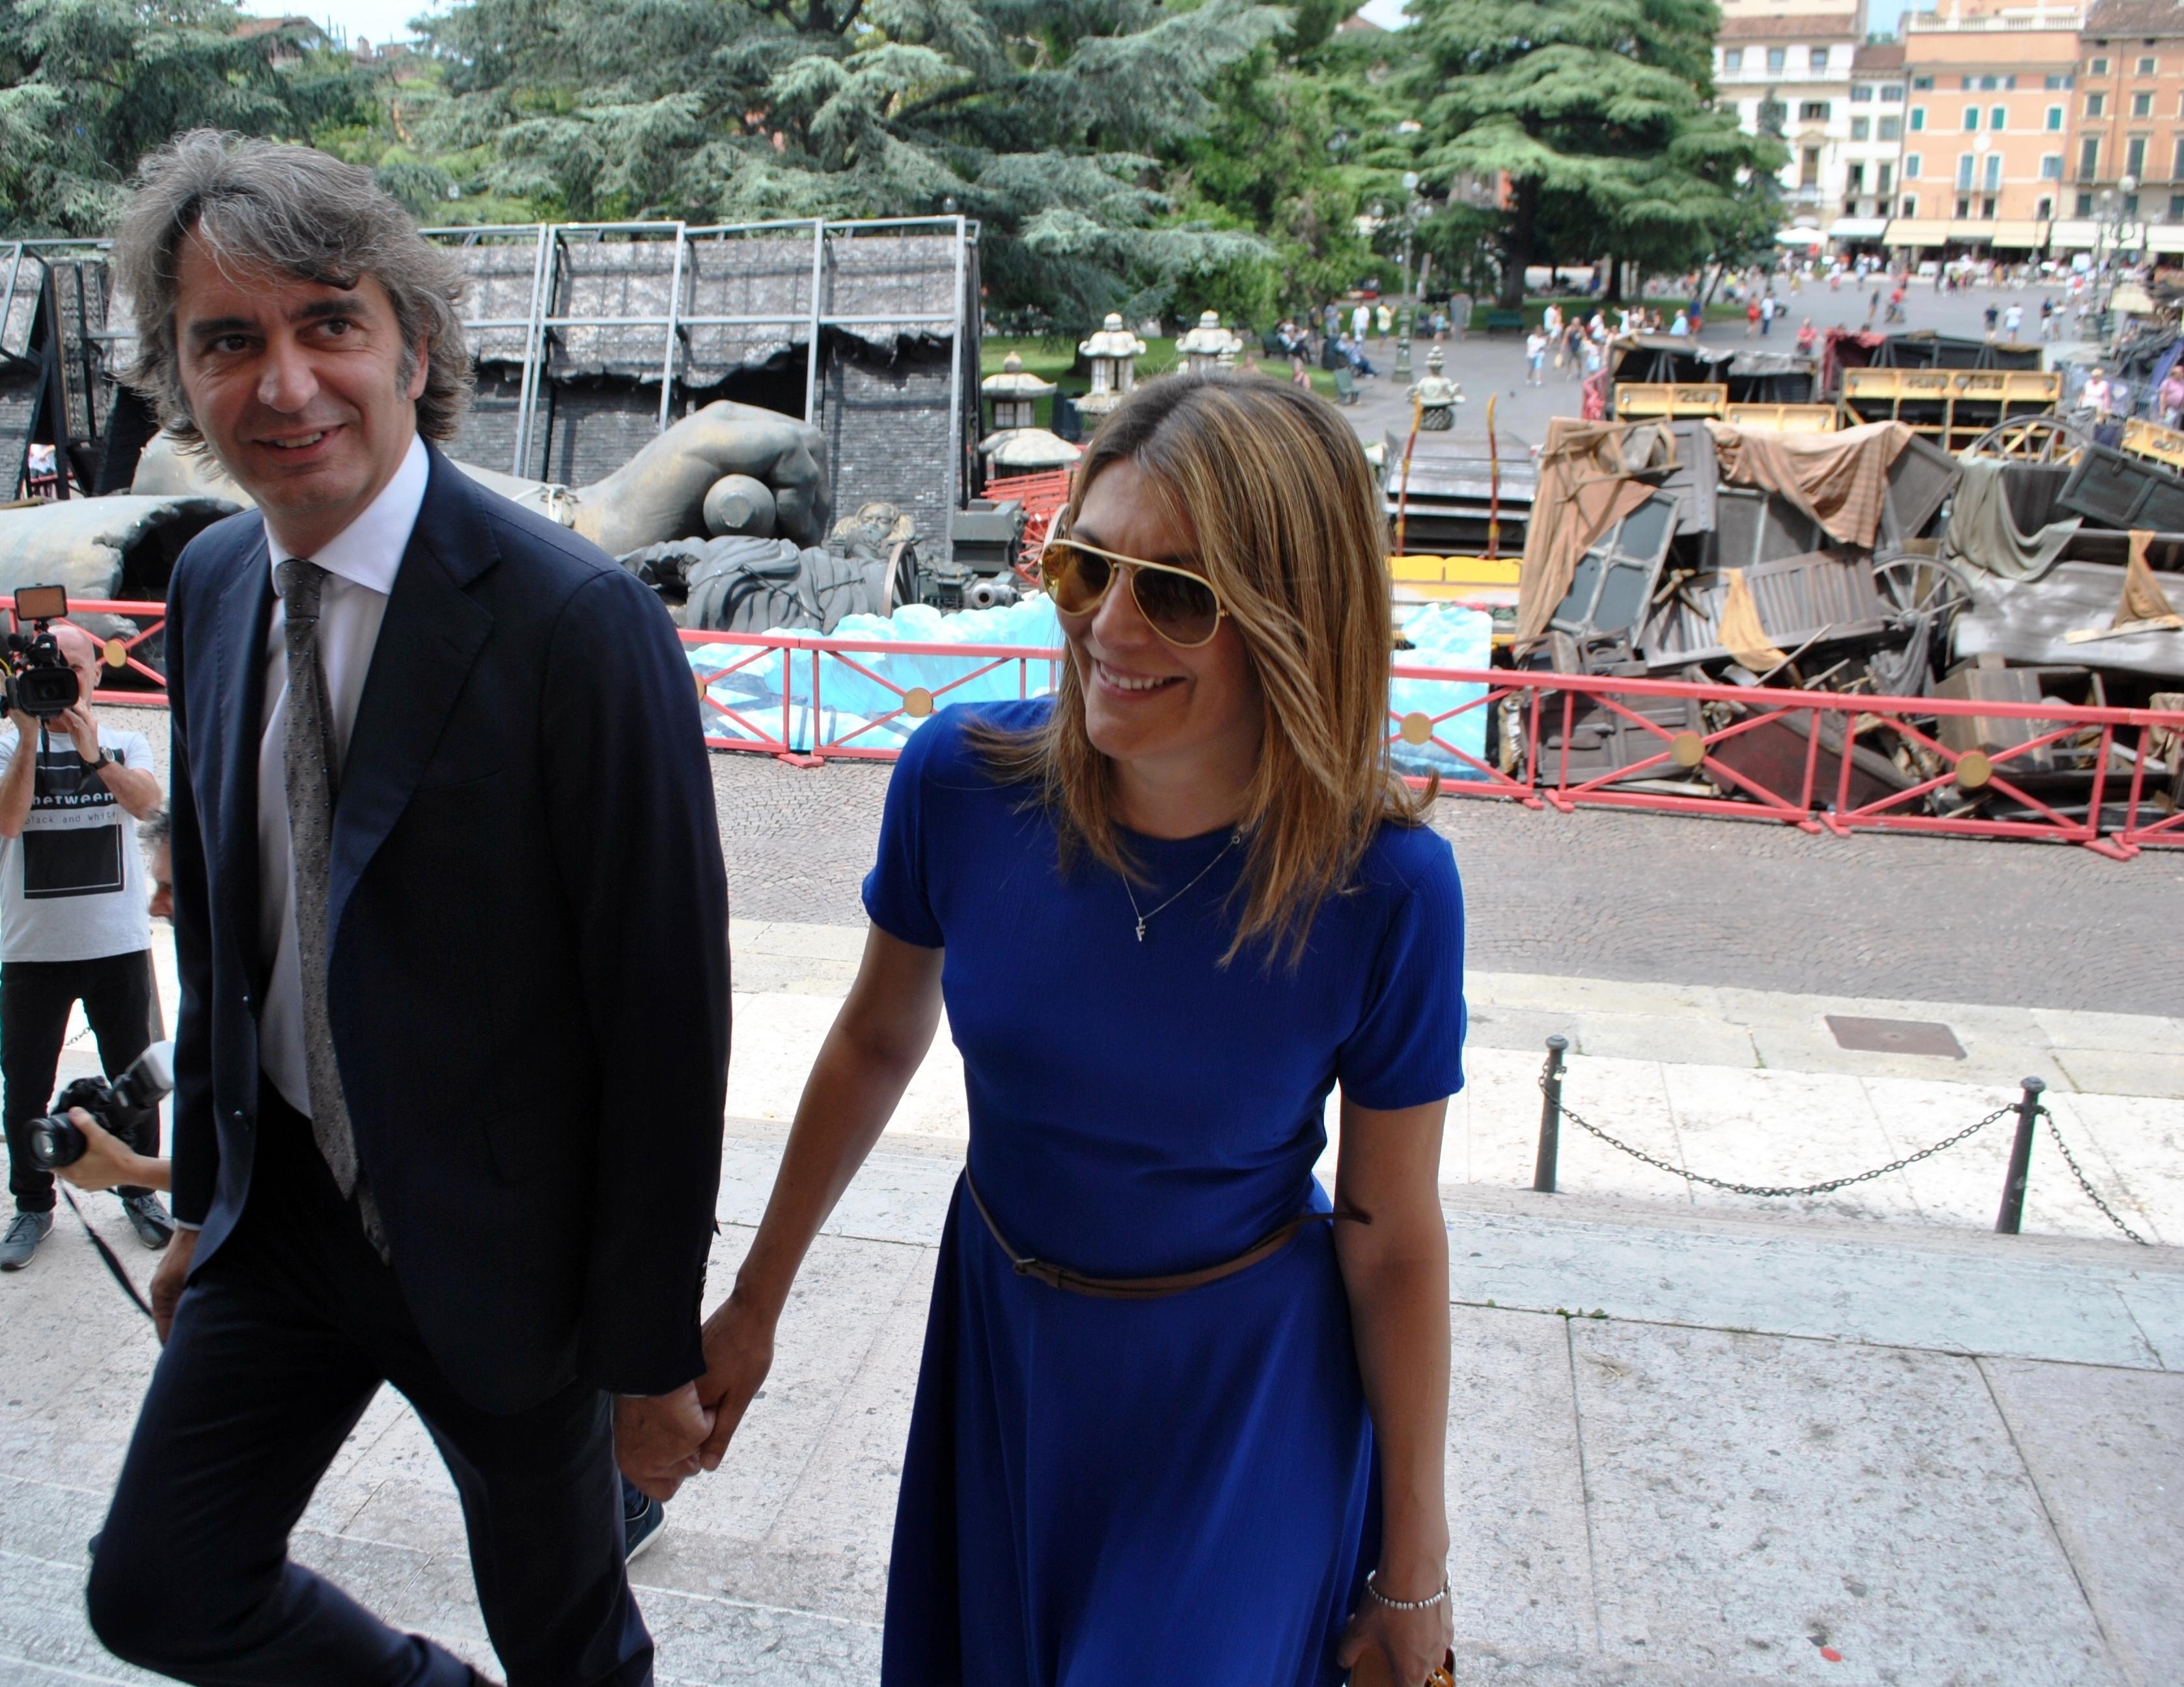 Neo_Sindaco_Sboarina_con_la_moglie-2